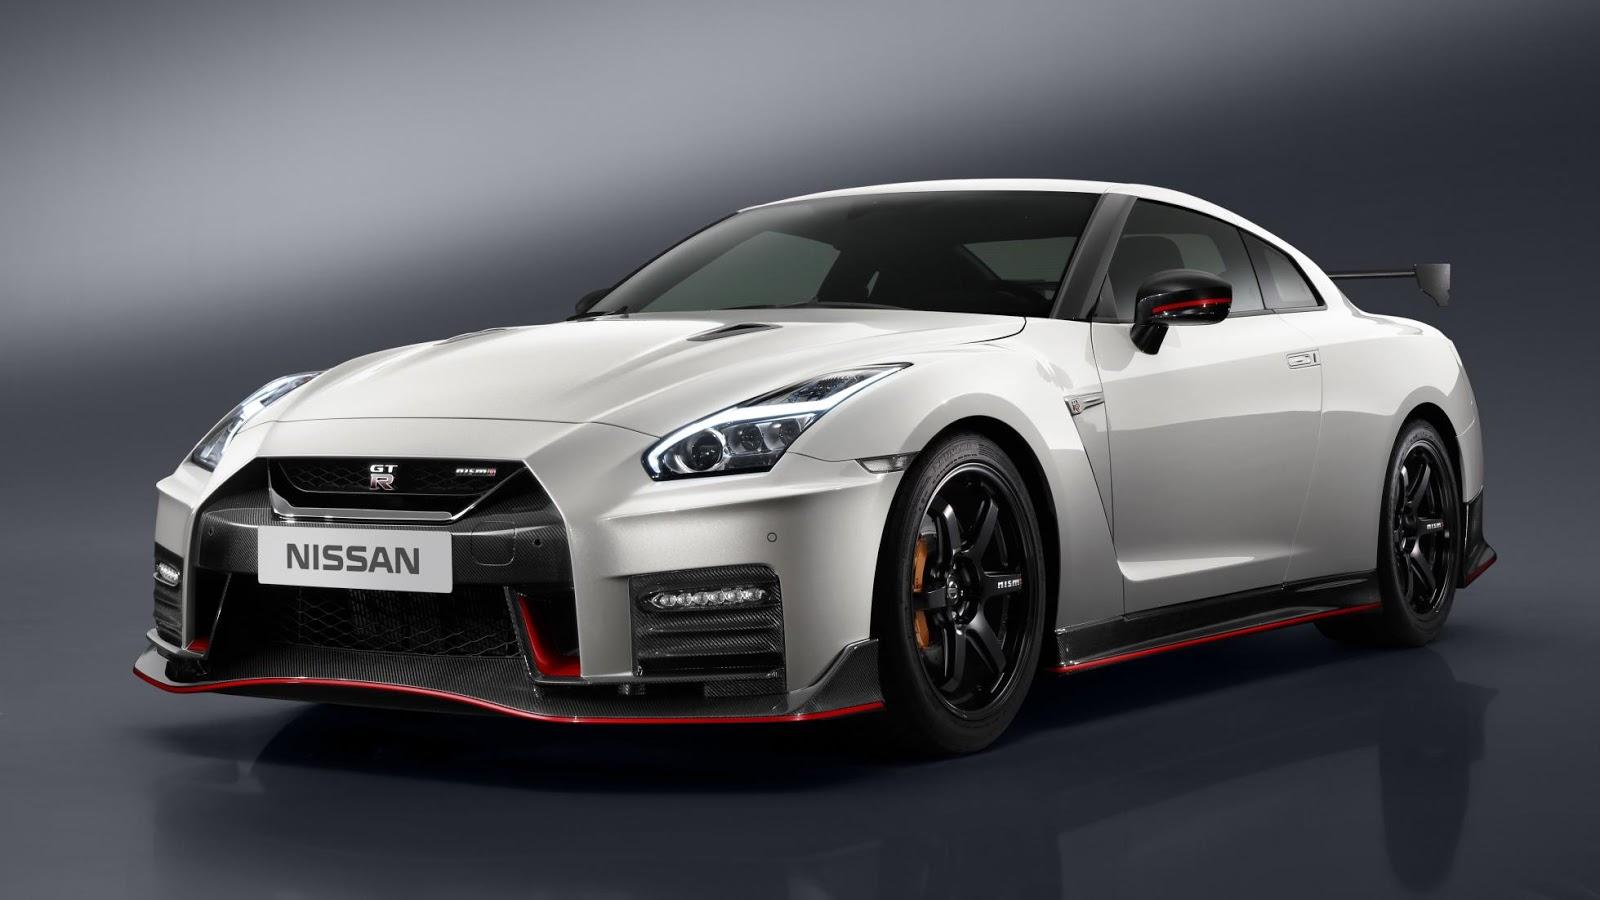 Nismo GT-R quá hầm hố và mạnh mẽ so với Nissan GT-R